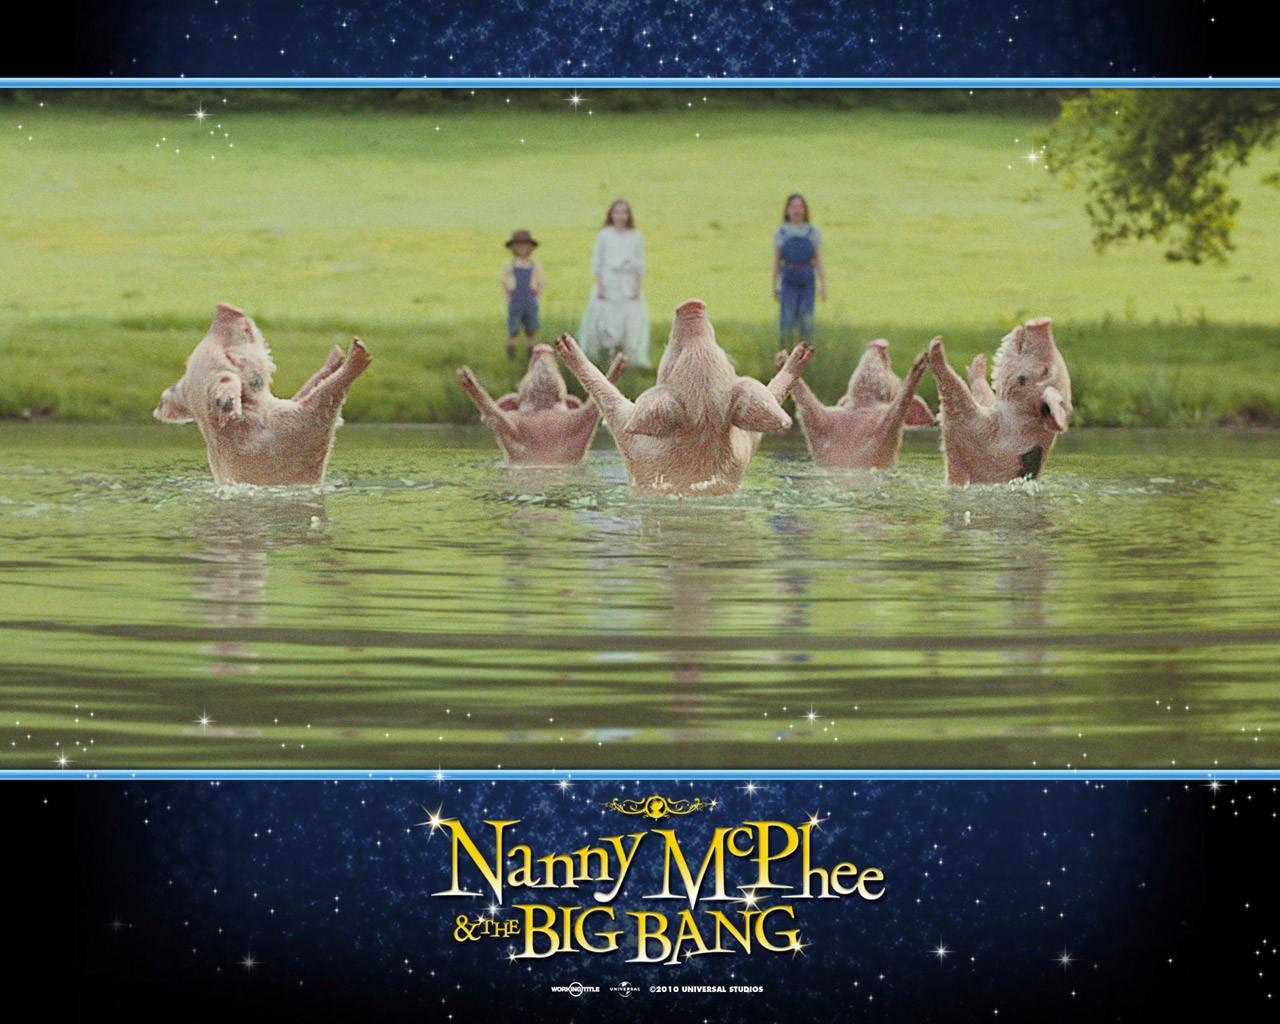 Wallpaper di Nanny McPhee and the Big Bang